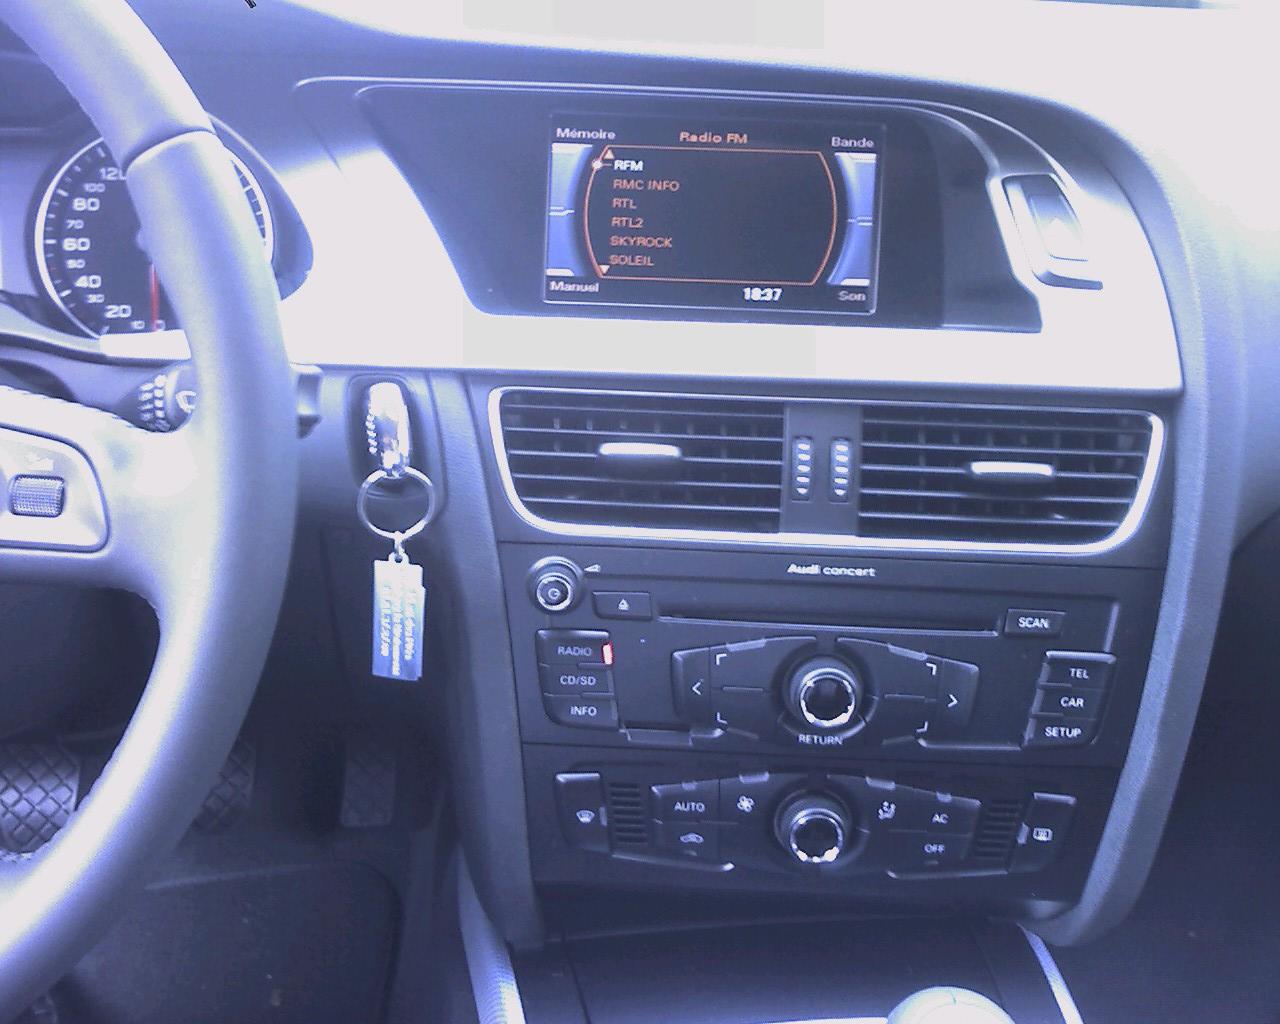 Nouvelle Audi A4 Avant B8 Page 7 Auto Titre